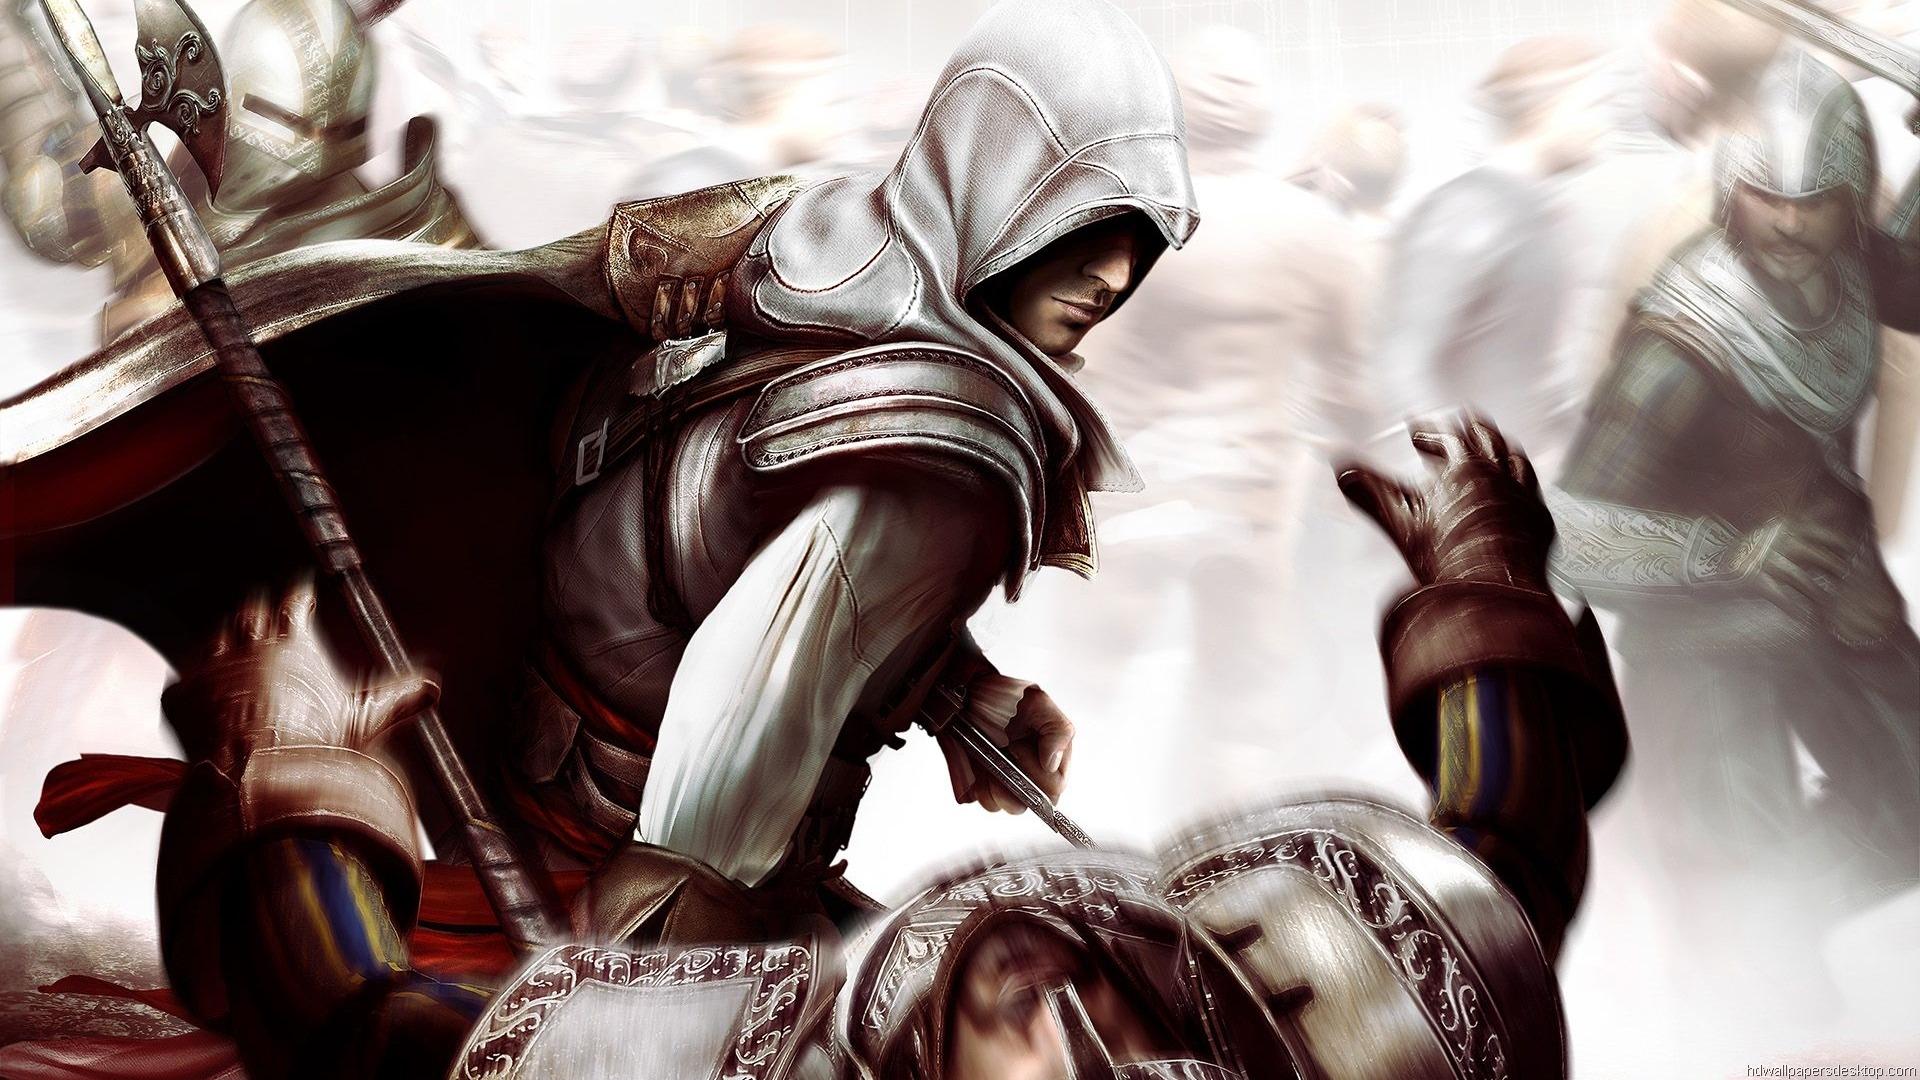 Assassins Creed Brotherhood HD wallpapers Game Wallpaper Assassins 1920x1080